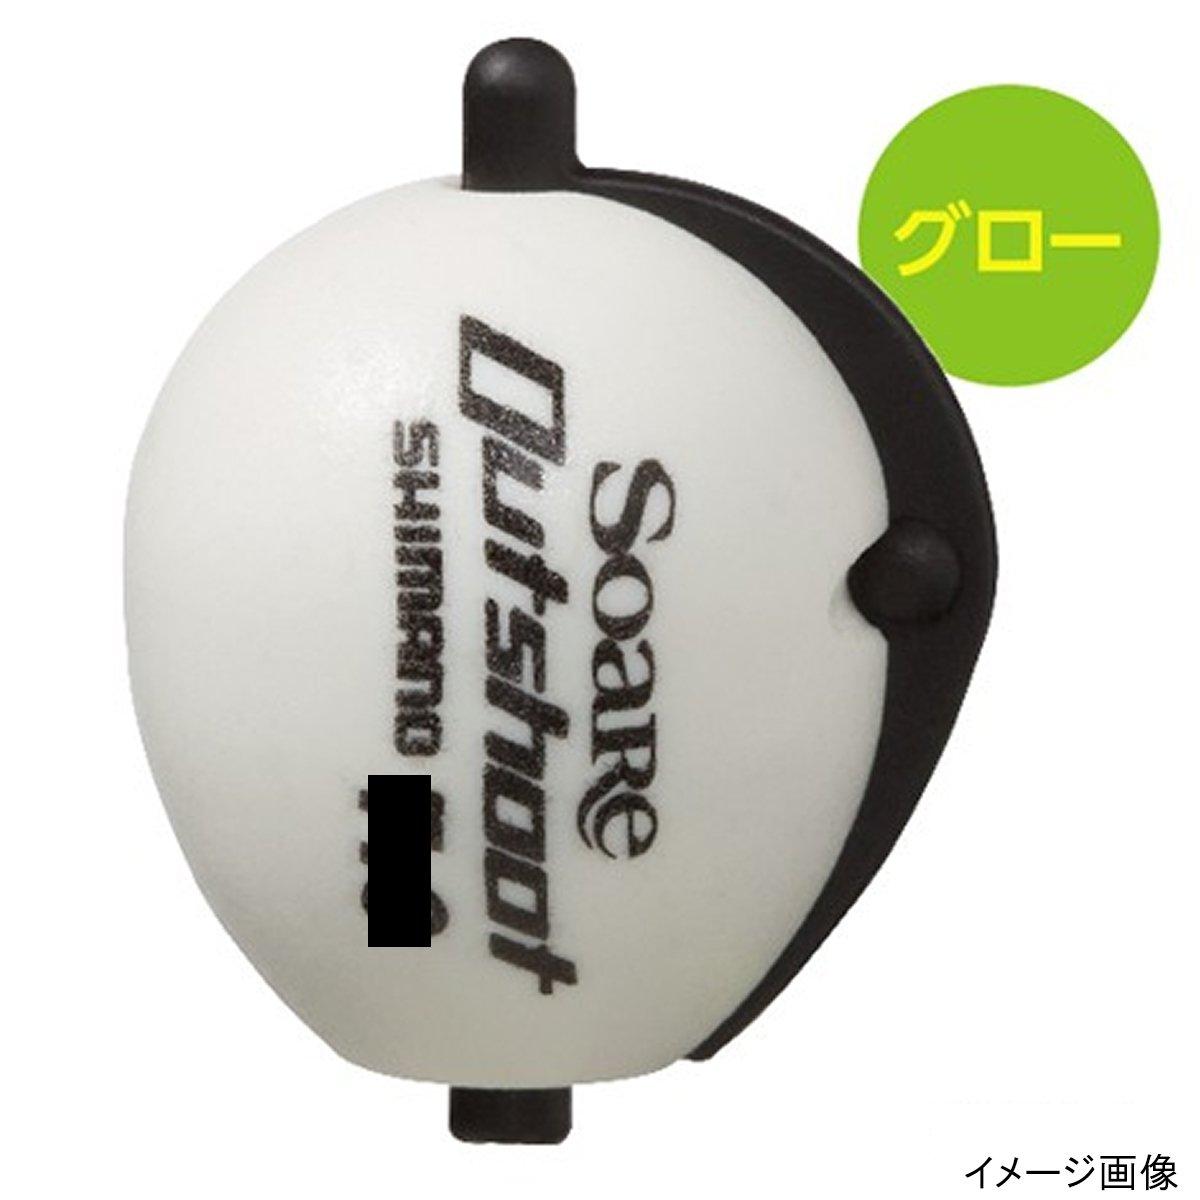 SHIMANO(シマノ) ウキ ソアレ アウトシュート 01T グロー 6.0 SF-A21Q - -の商品画像